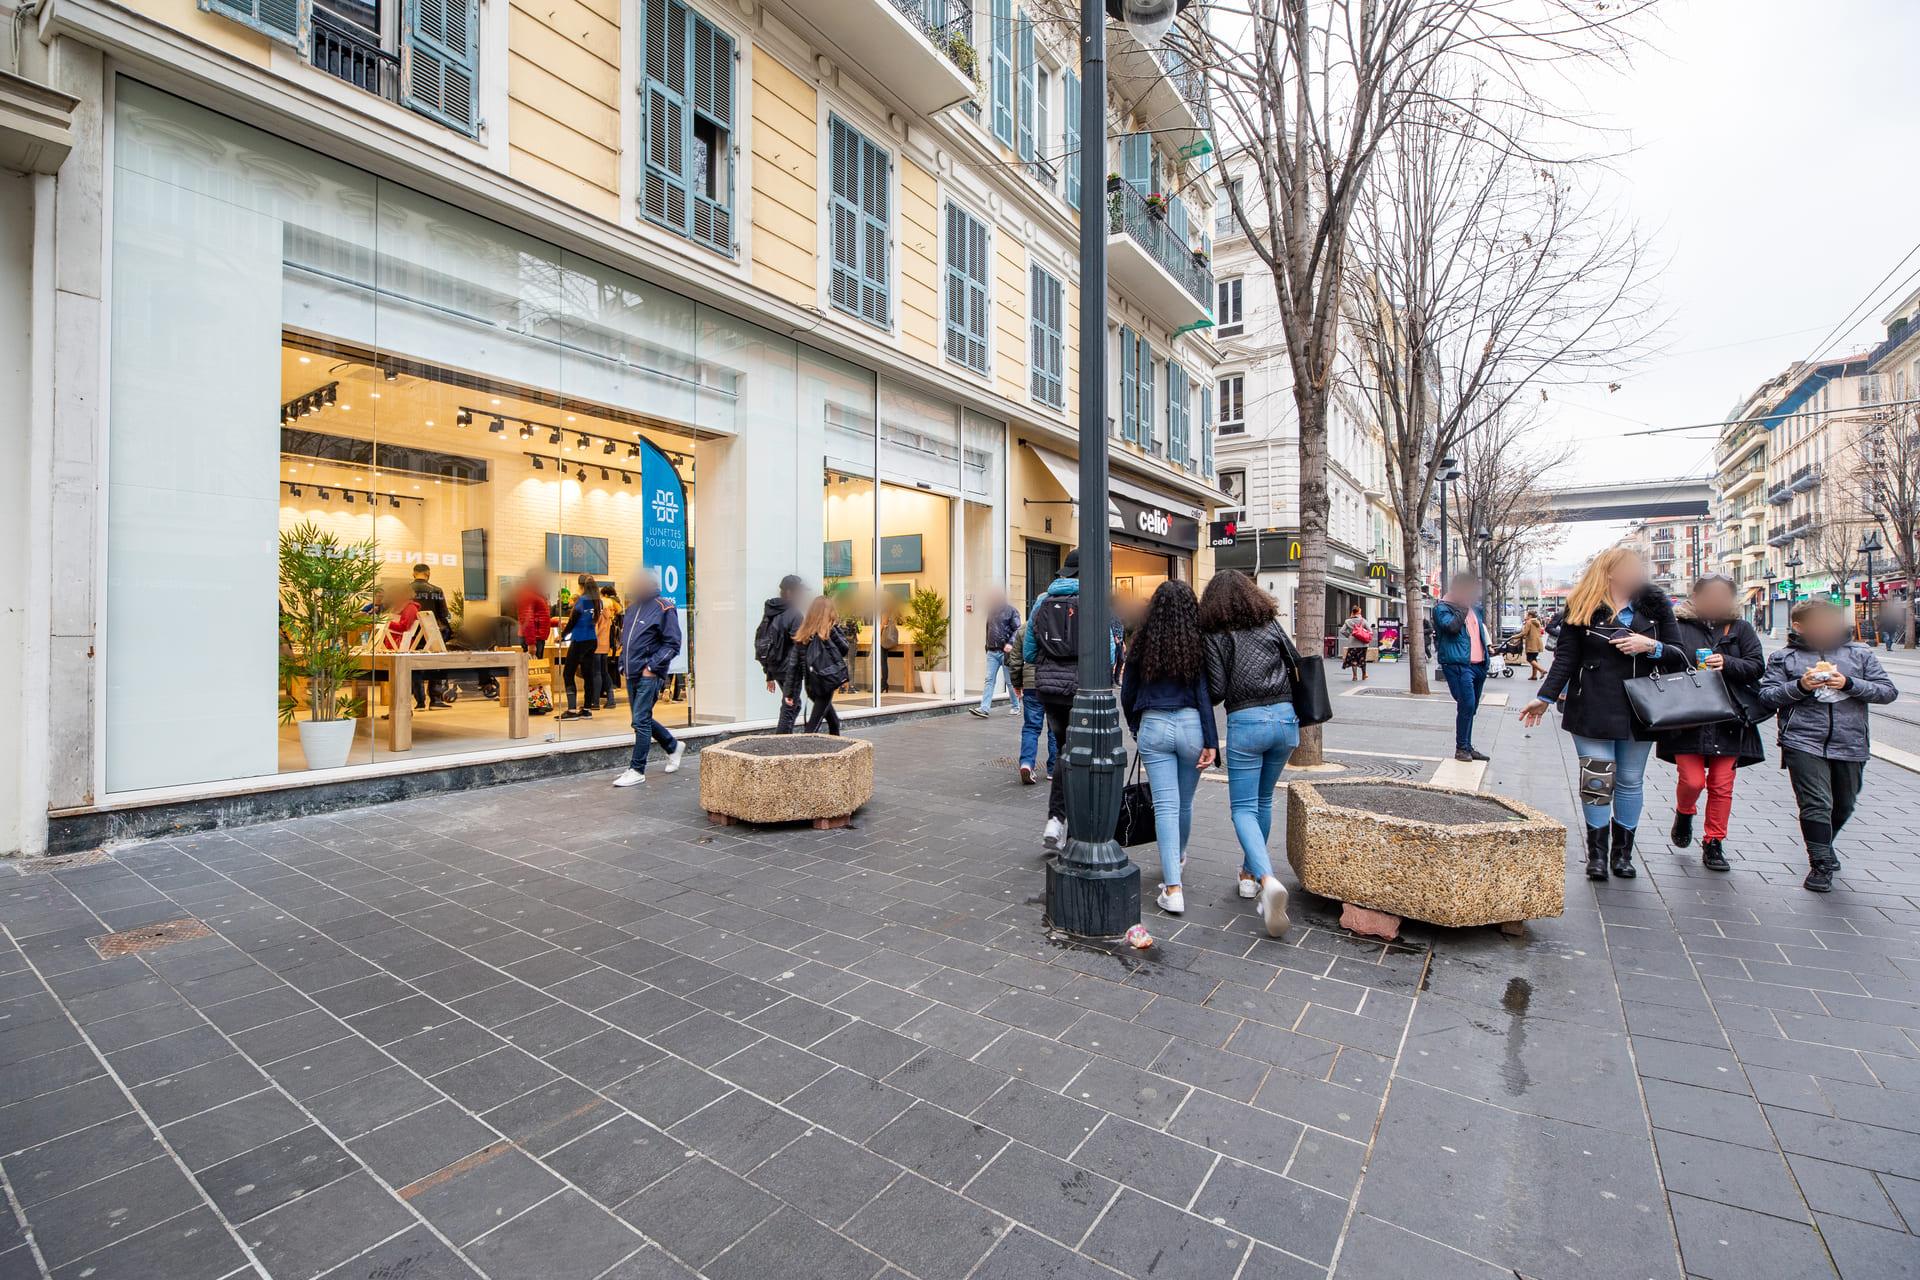 joli design vente officielle modèle unique Nos boutiques et magasins dans votre ville - Lunettes Pour Tous